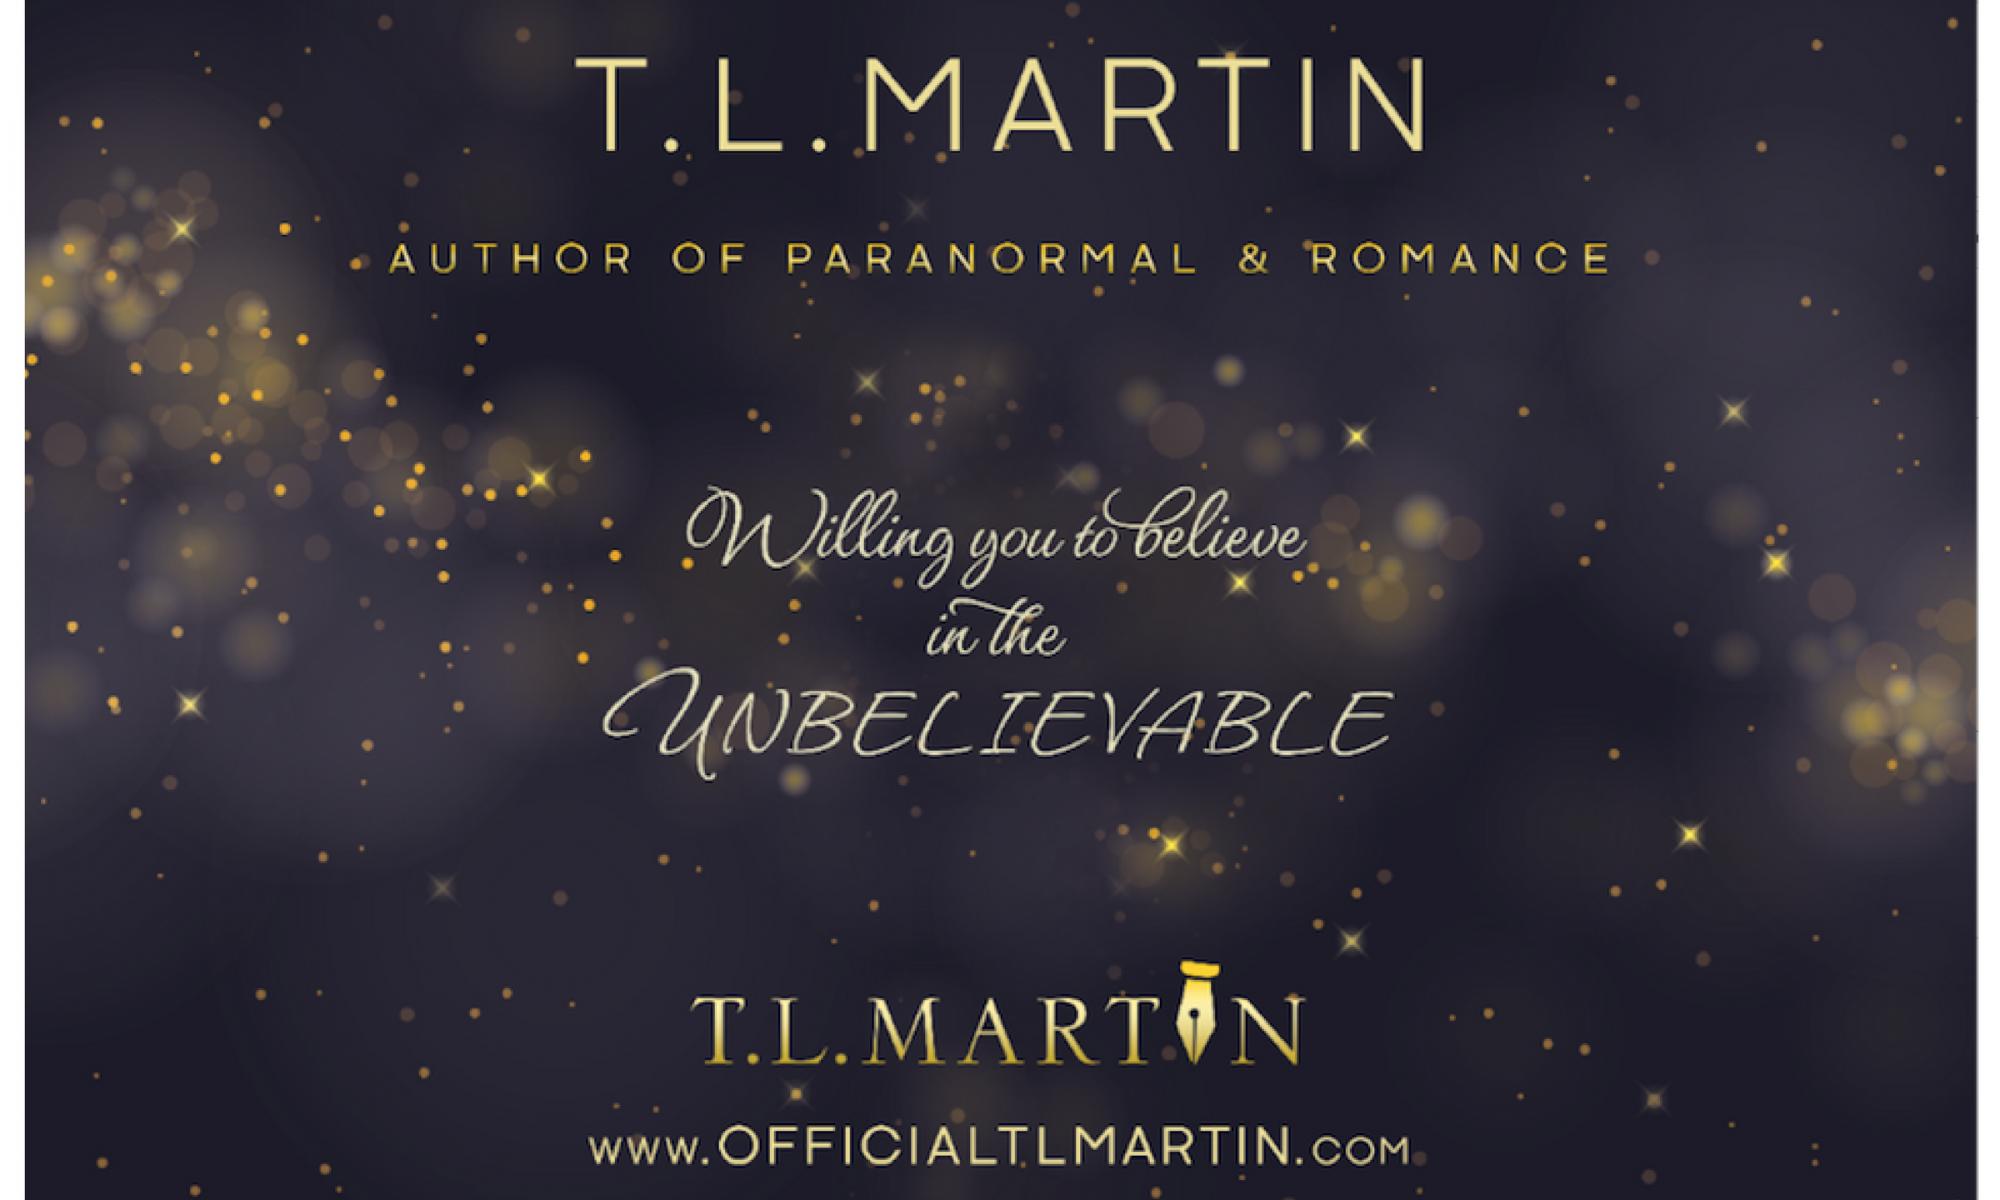 T.L. Martin - Author